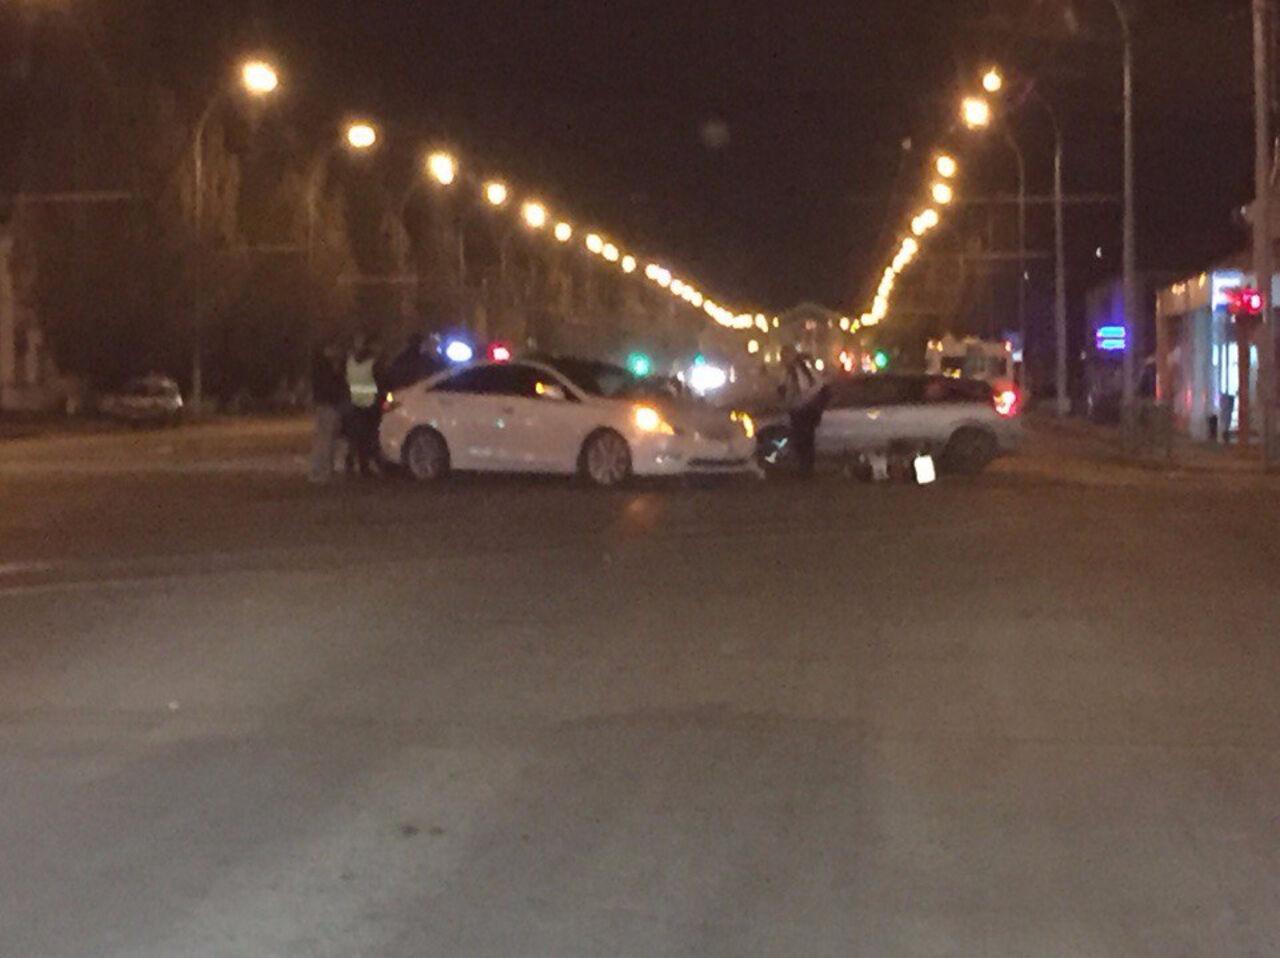 Фото: ночью в Кемерове байкер столкнулся с иномаркой